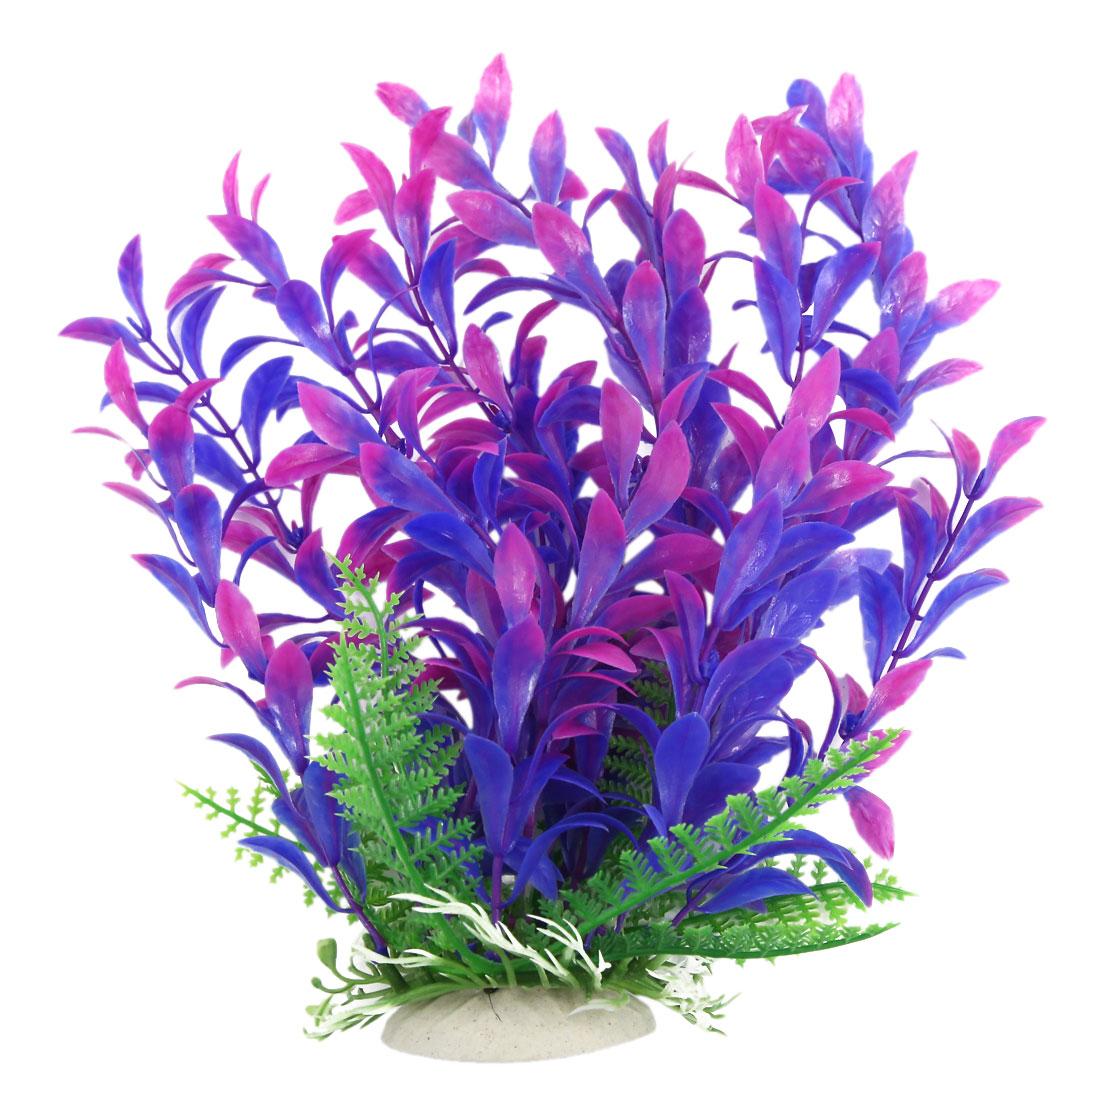 Aquarium Tank Aquatic Plastic Plant Grass Landscape Decoration Purple 22cm